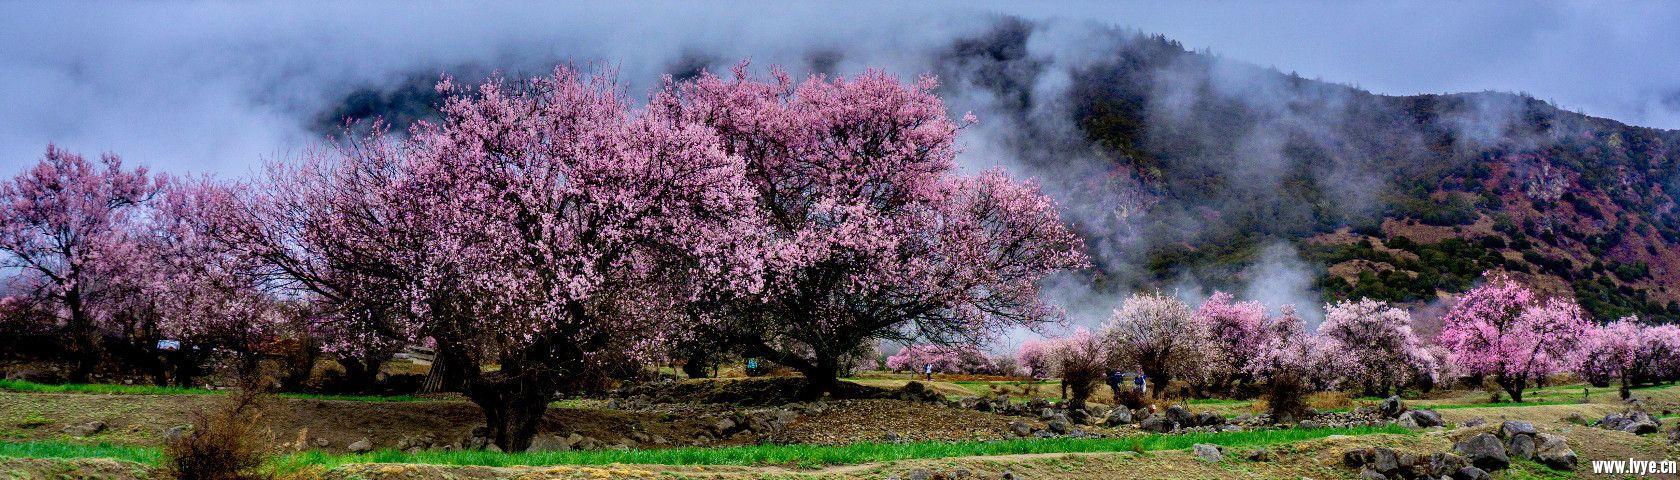 倾多镇   许木乡(今日主要看桃花,林芝桃花节开幕时间定为2017年3月